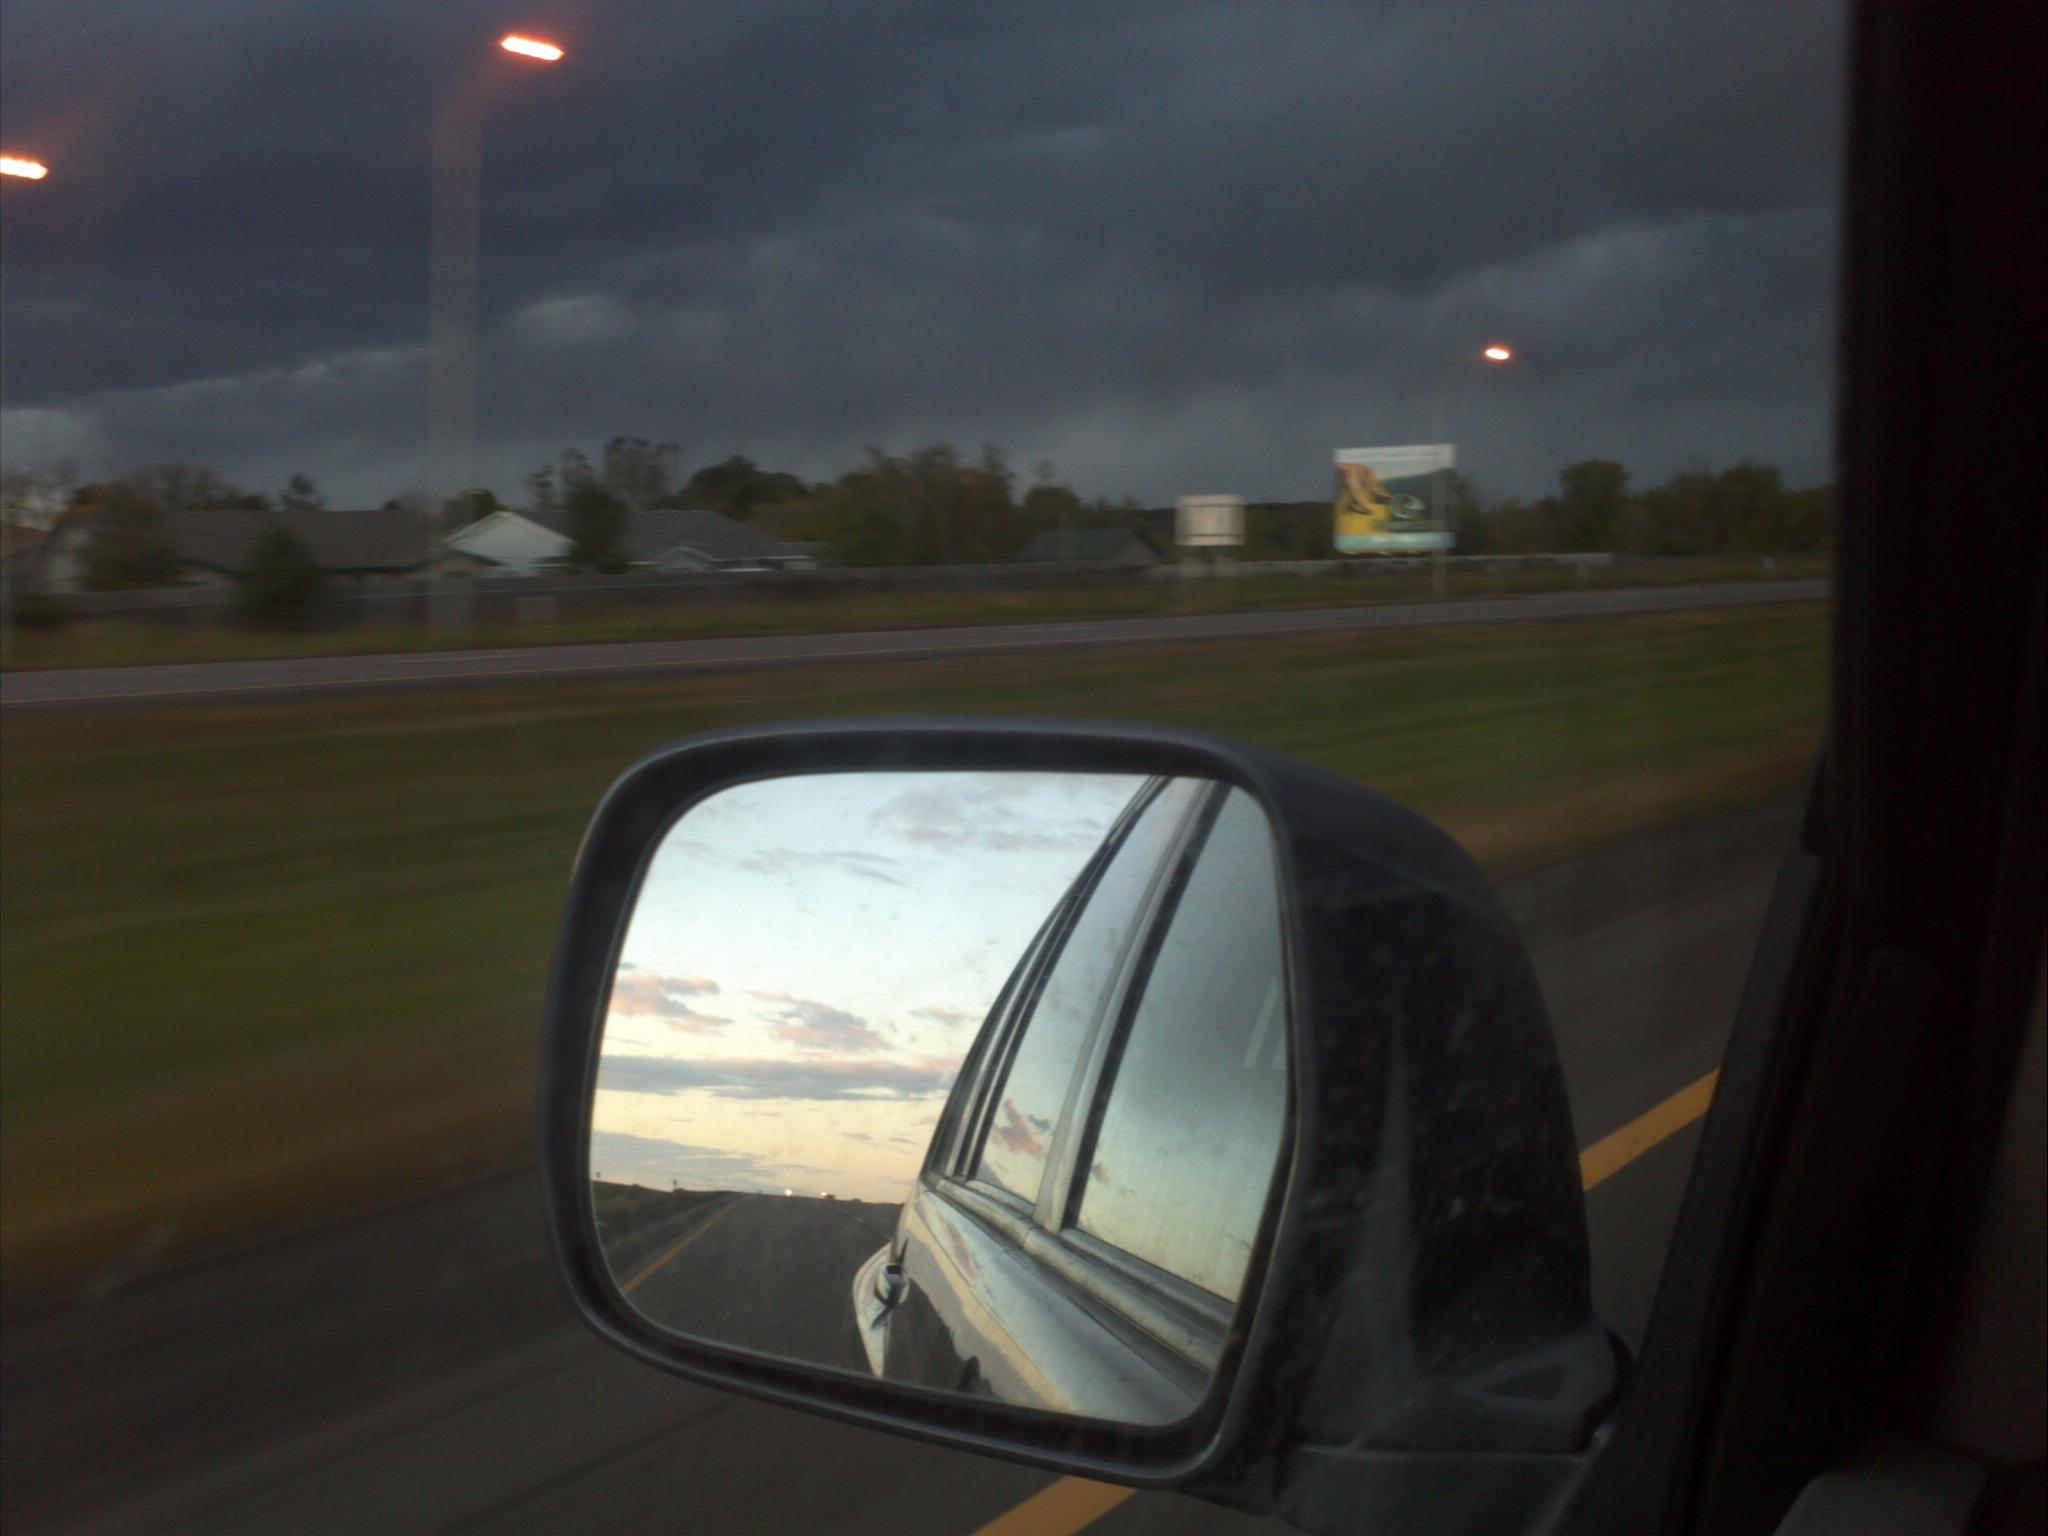 Entering a Storm